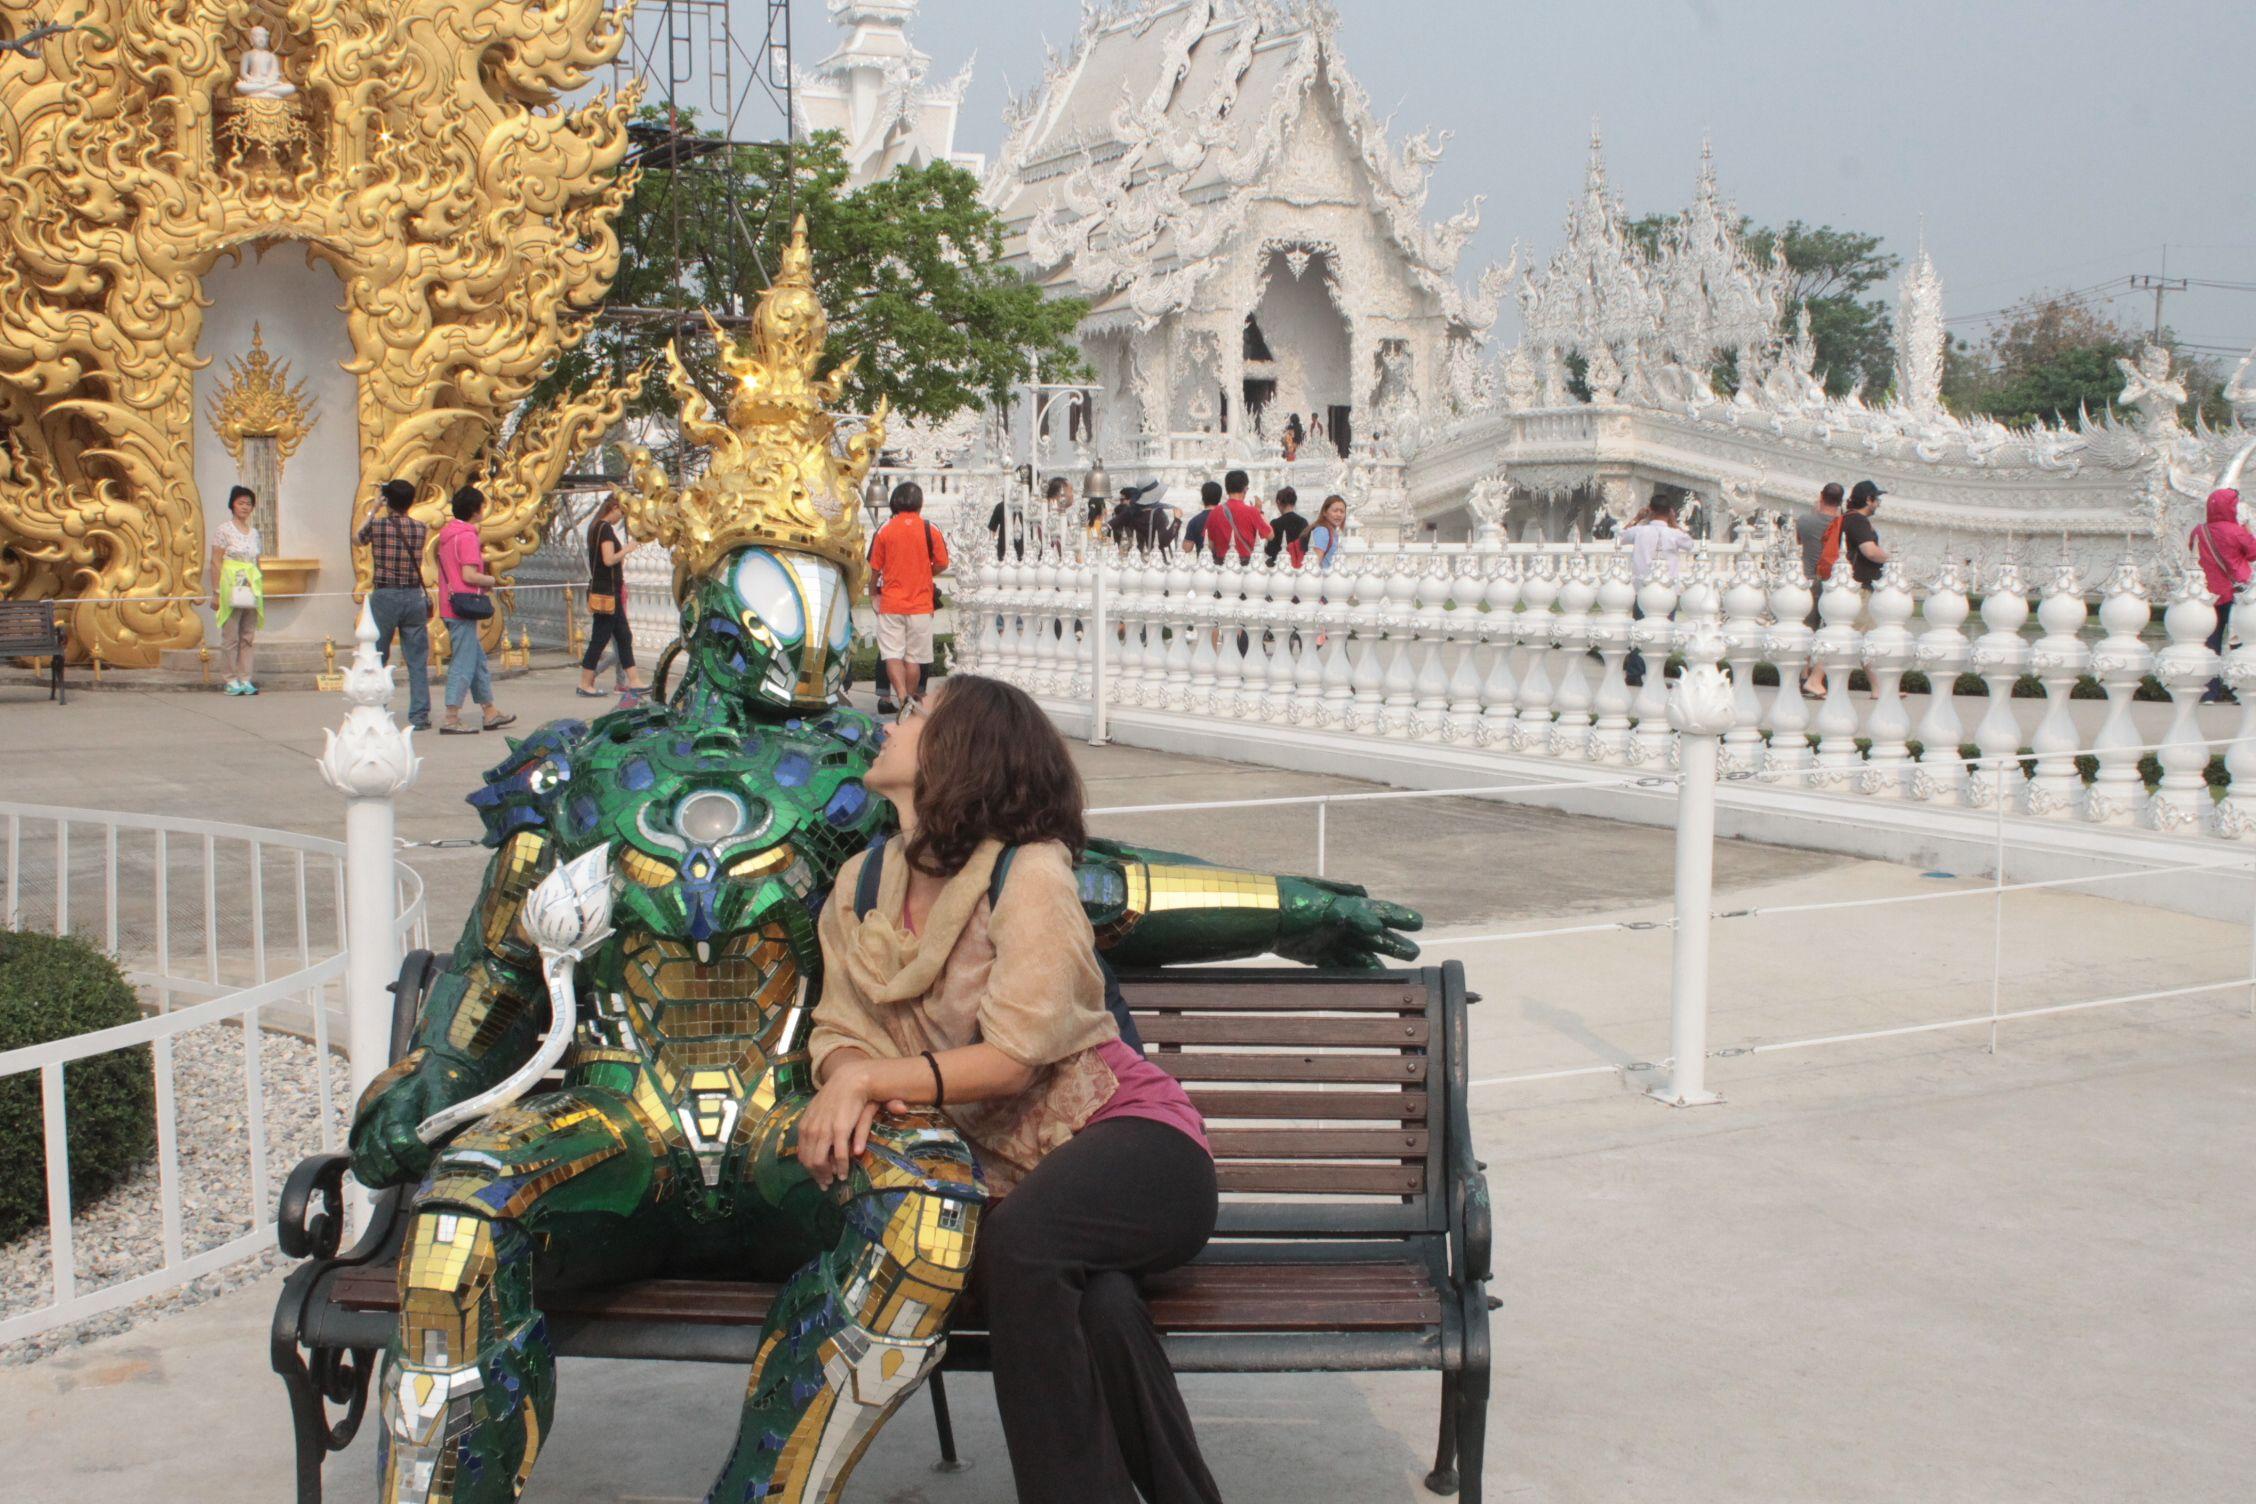 A la entrada del templo te espera un robot para darte la bienvenida